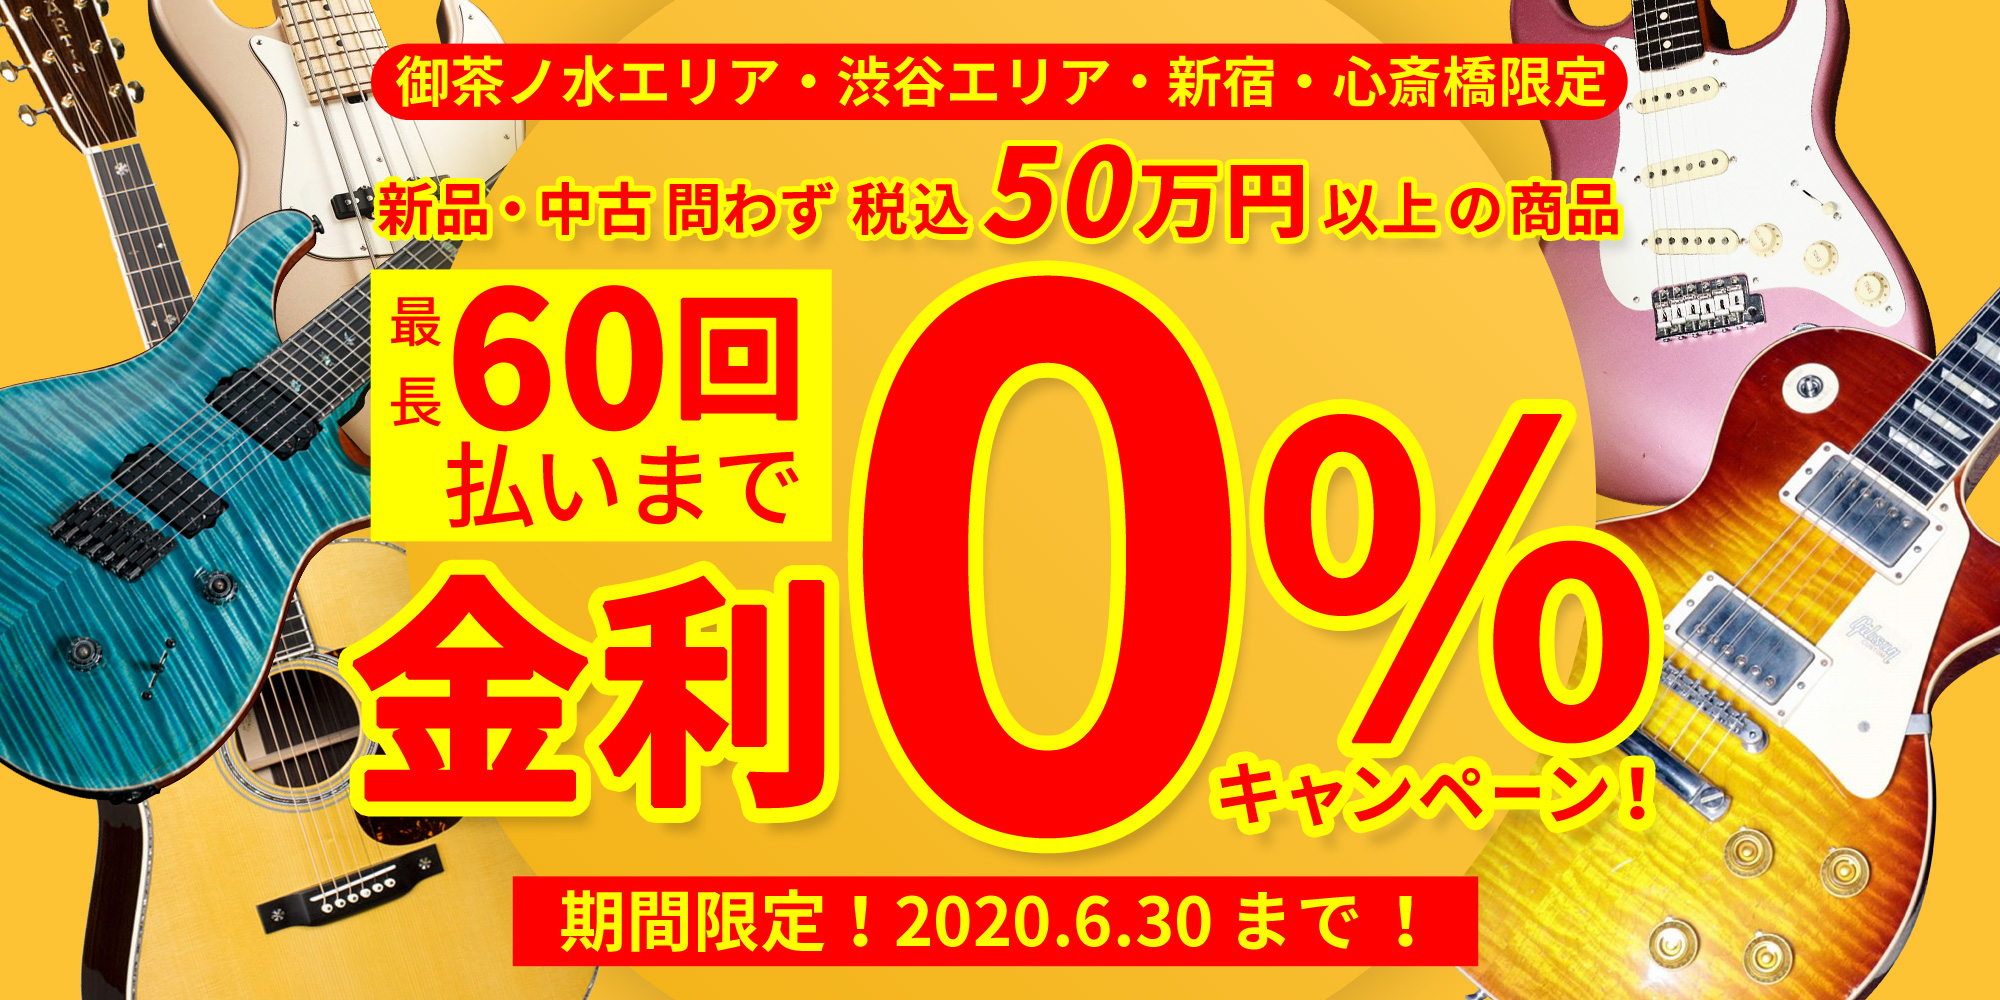 新品・中古 問わず 税込50万円以上 の商品 最長 60回払い まで、金利0%キャンペーン!【イシバシ楽器】